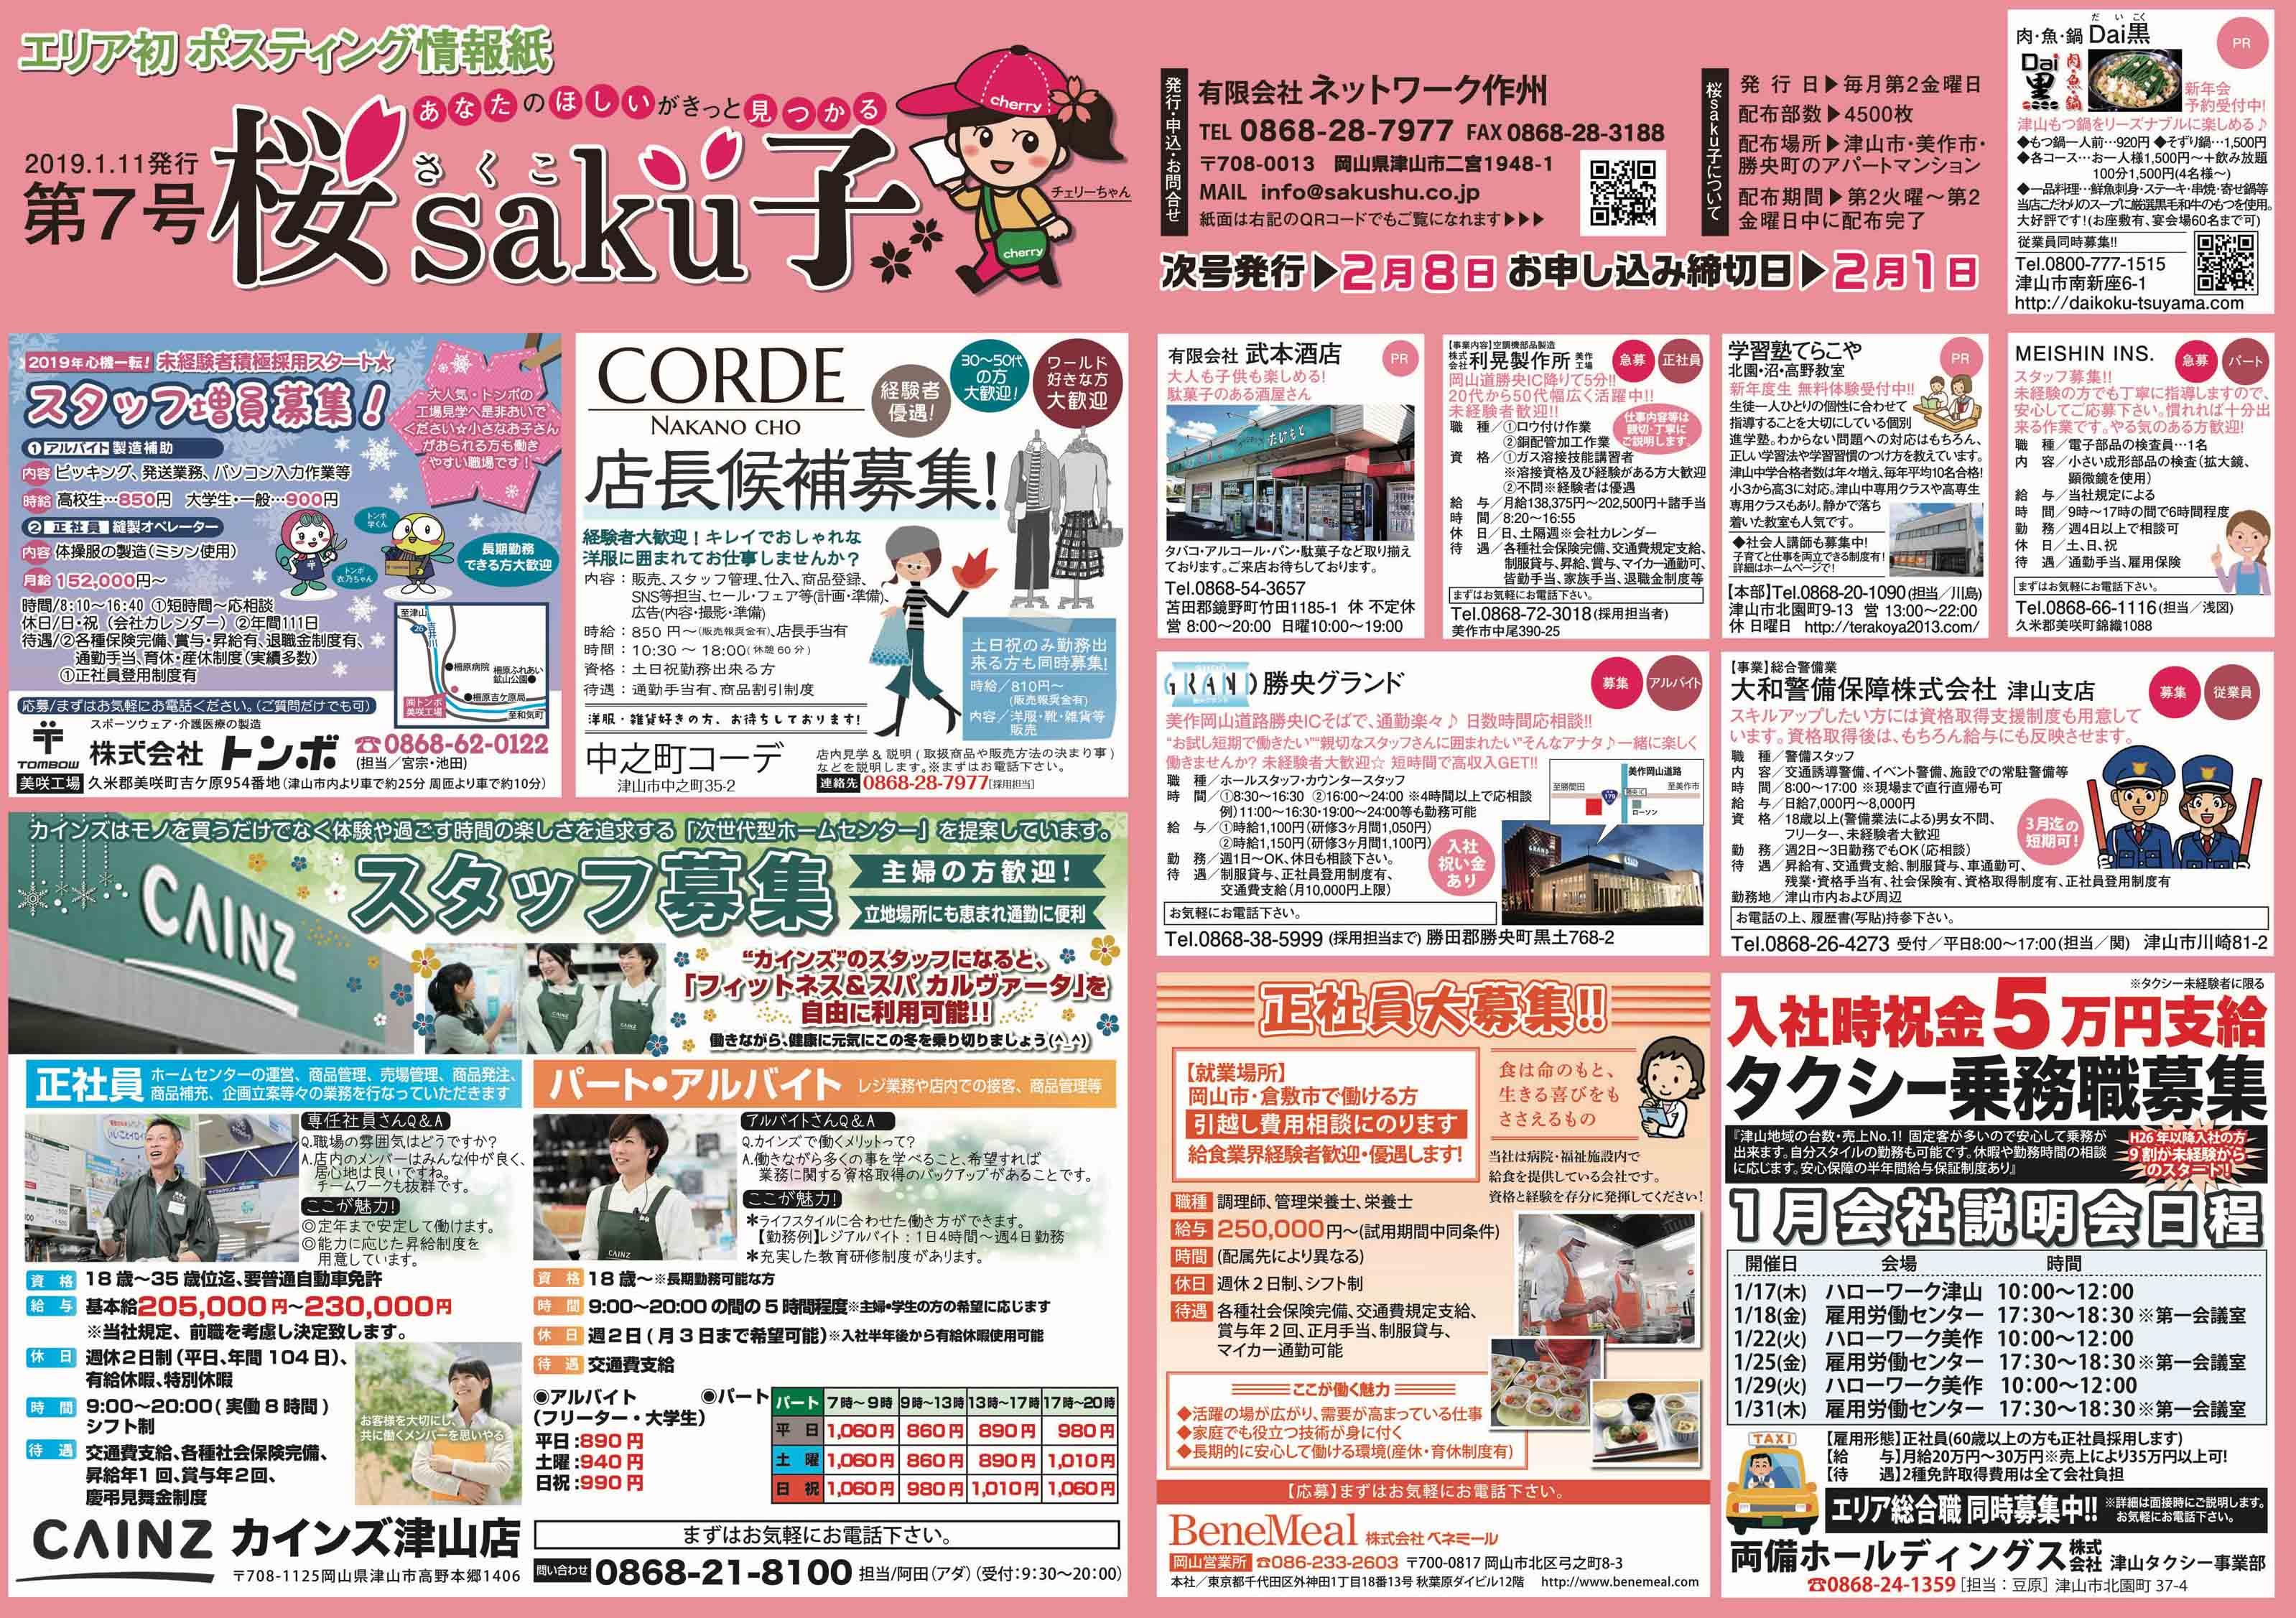 桜saku子0107[1-2]_FRONT_pj190107-0001000001